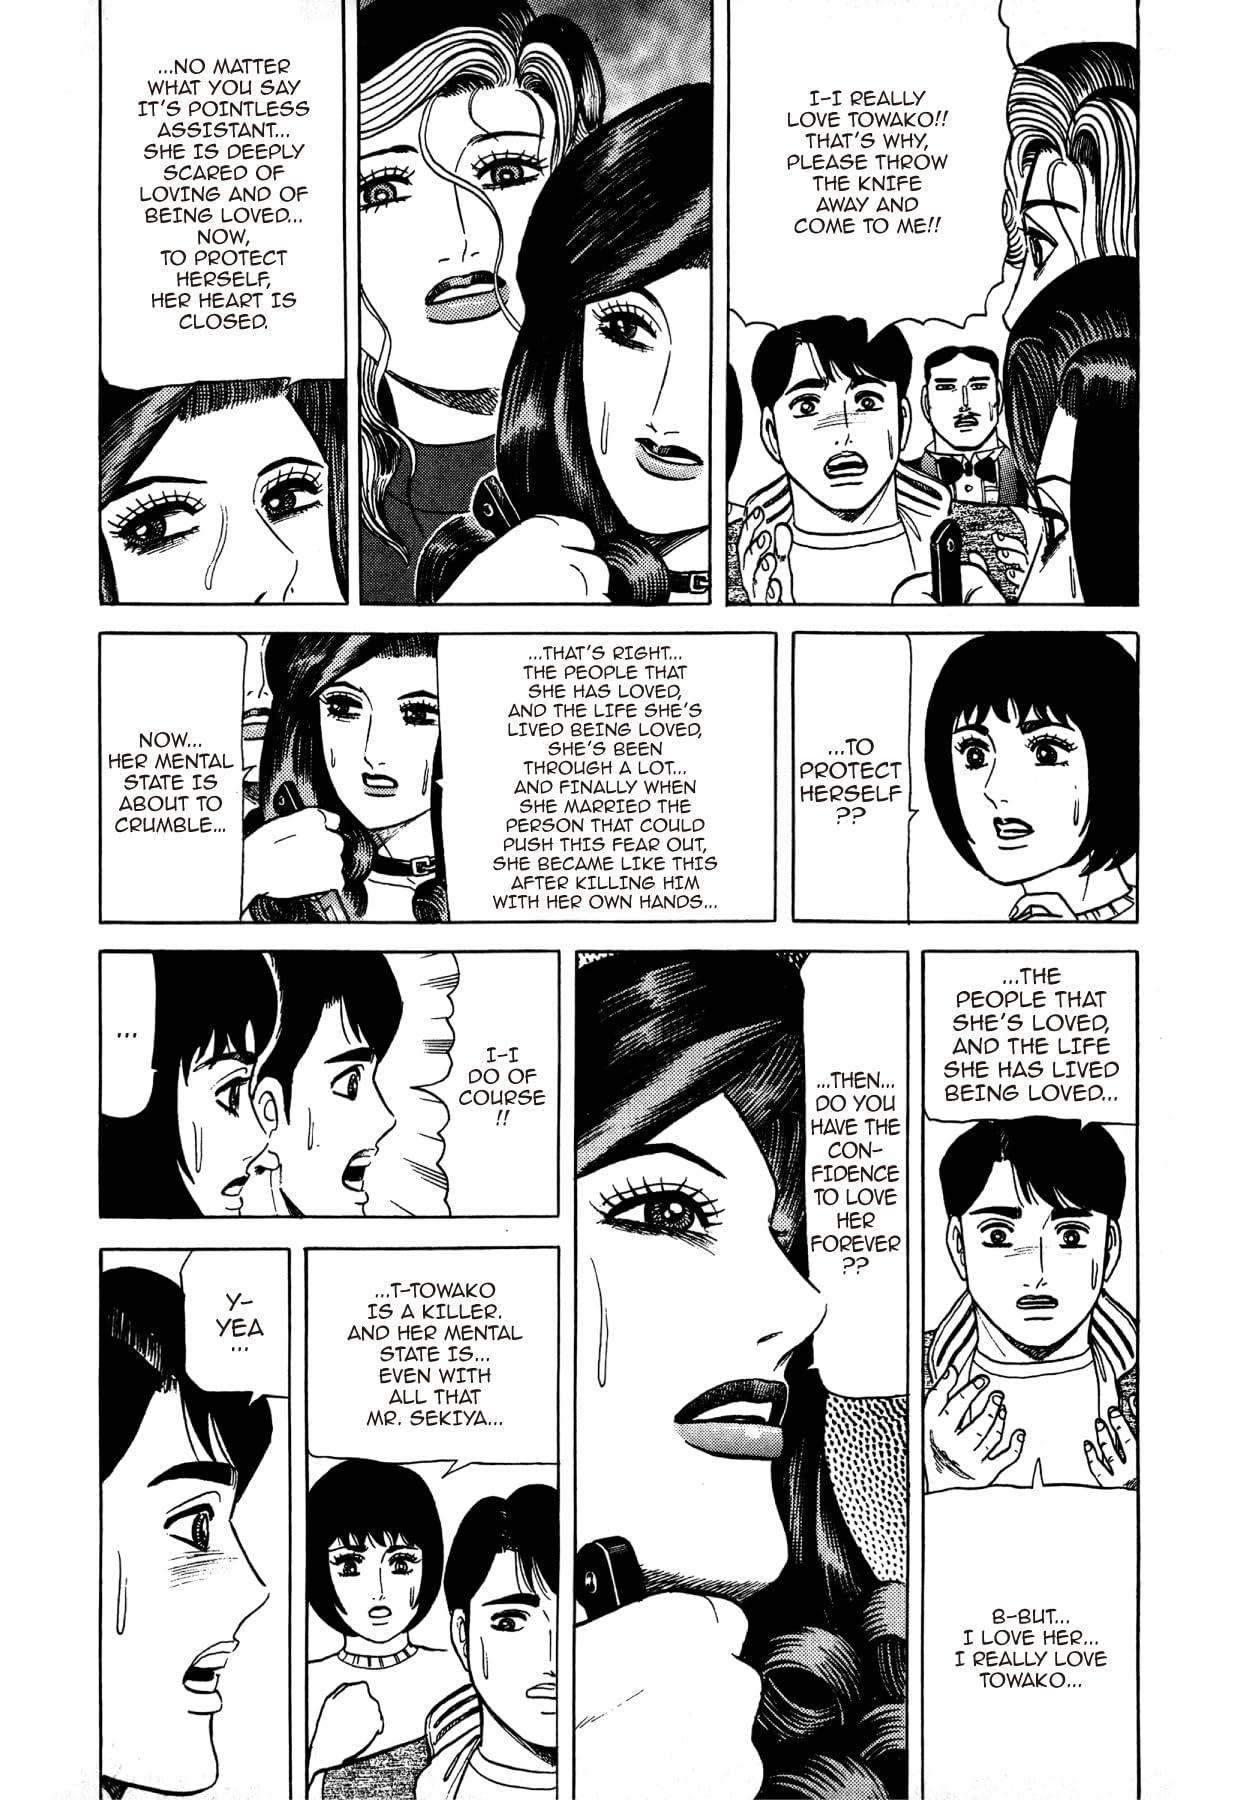 THE SPLENDID DAYS OF QUEEN RURIKO #28